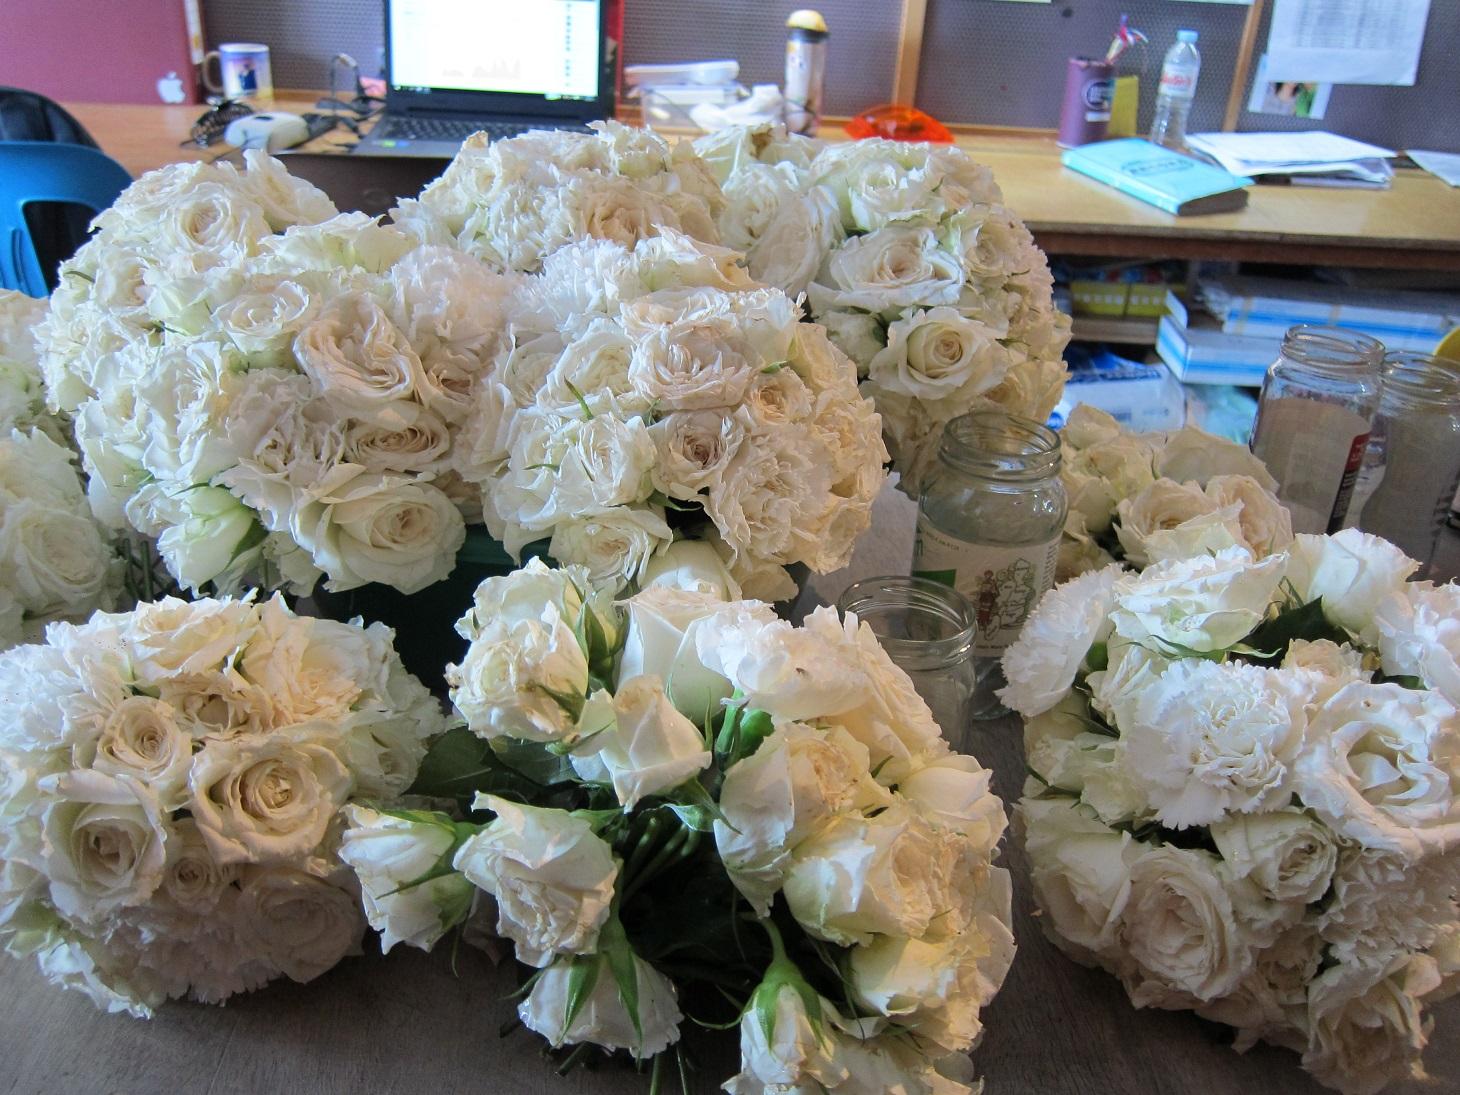 Flowers-for-HOPE-4.jpg